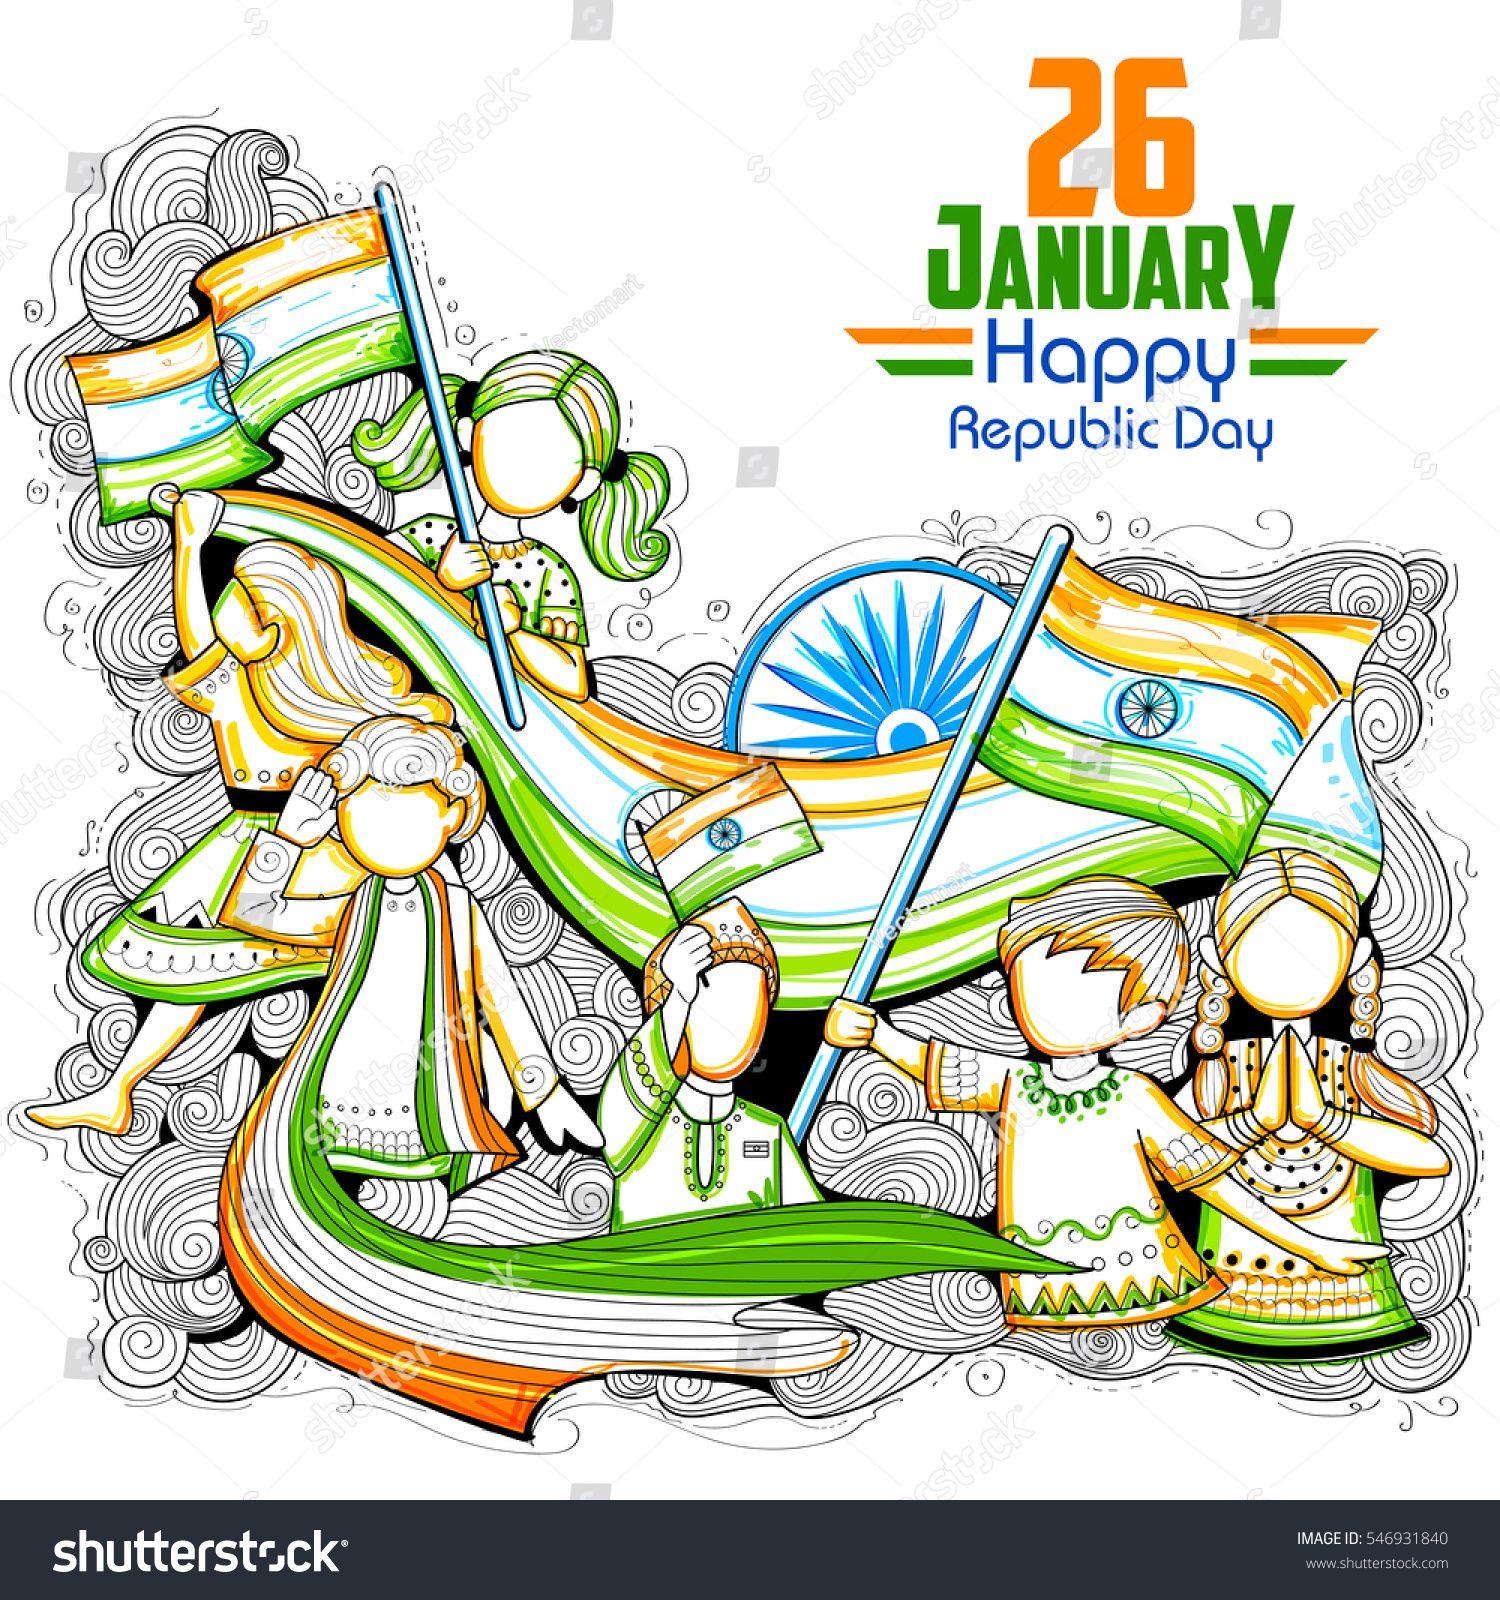 illustration of Indian kids waving tricolor flag